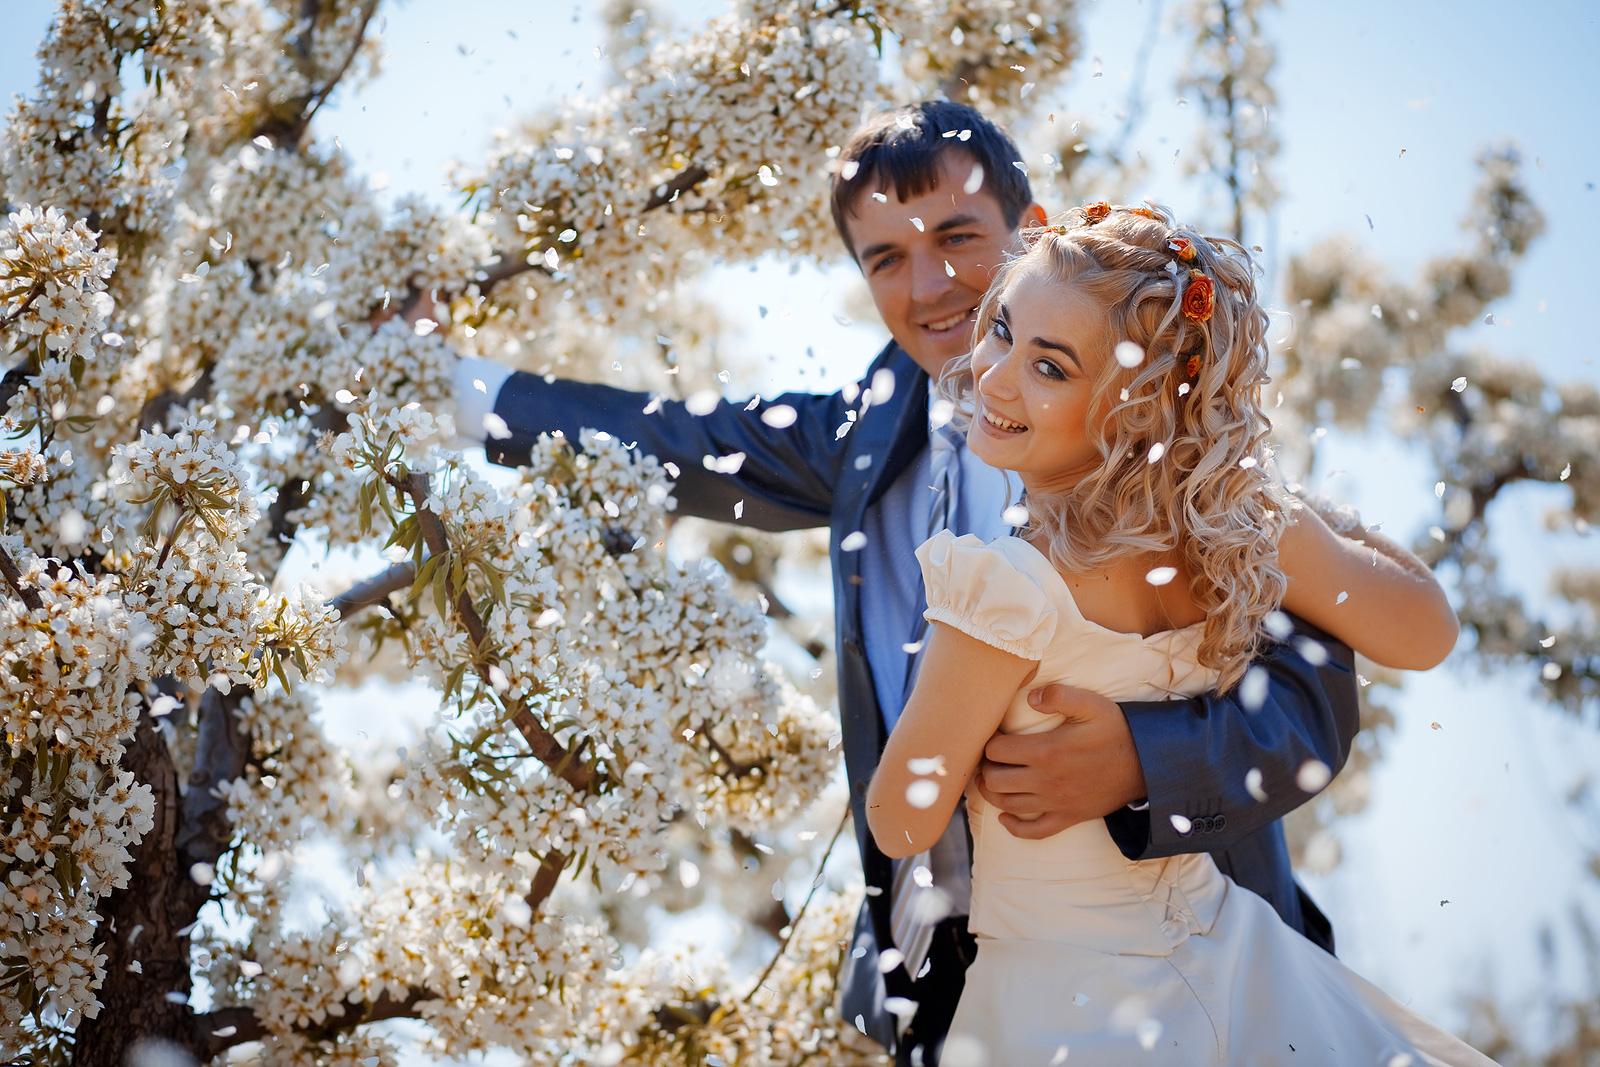 12 лет свадьбы  какая свадьба Никелевая шелковая